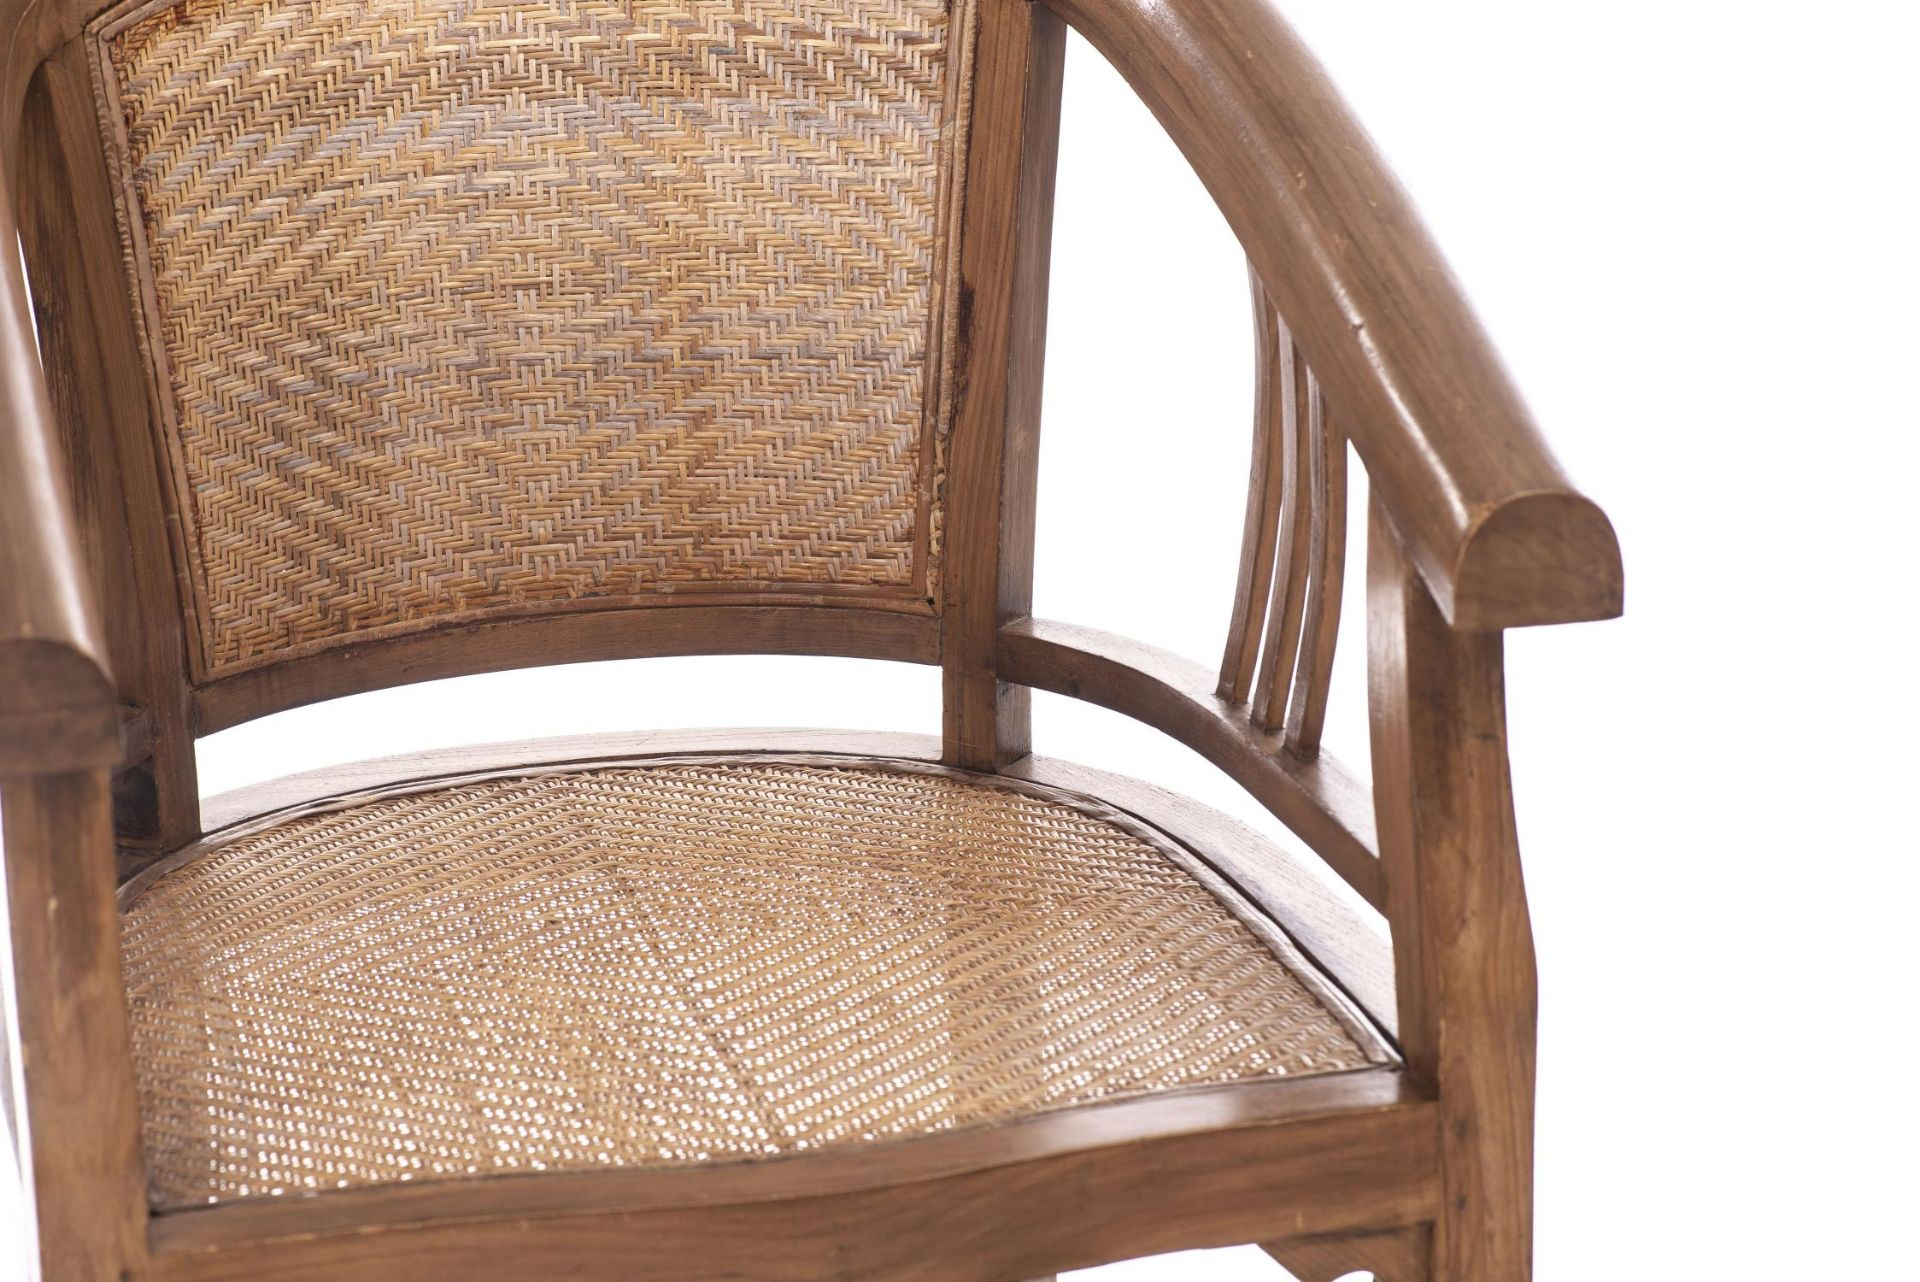 Deux fauteuils et une banquette balinais en Suar teck - Bild 14 aus 15